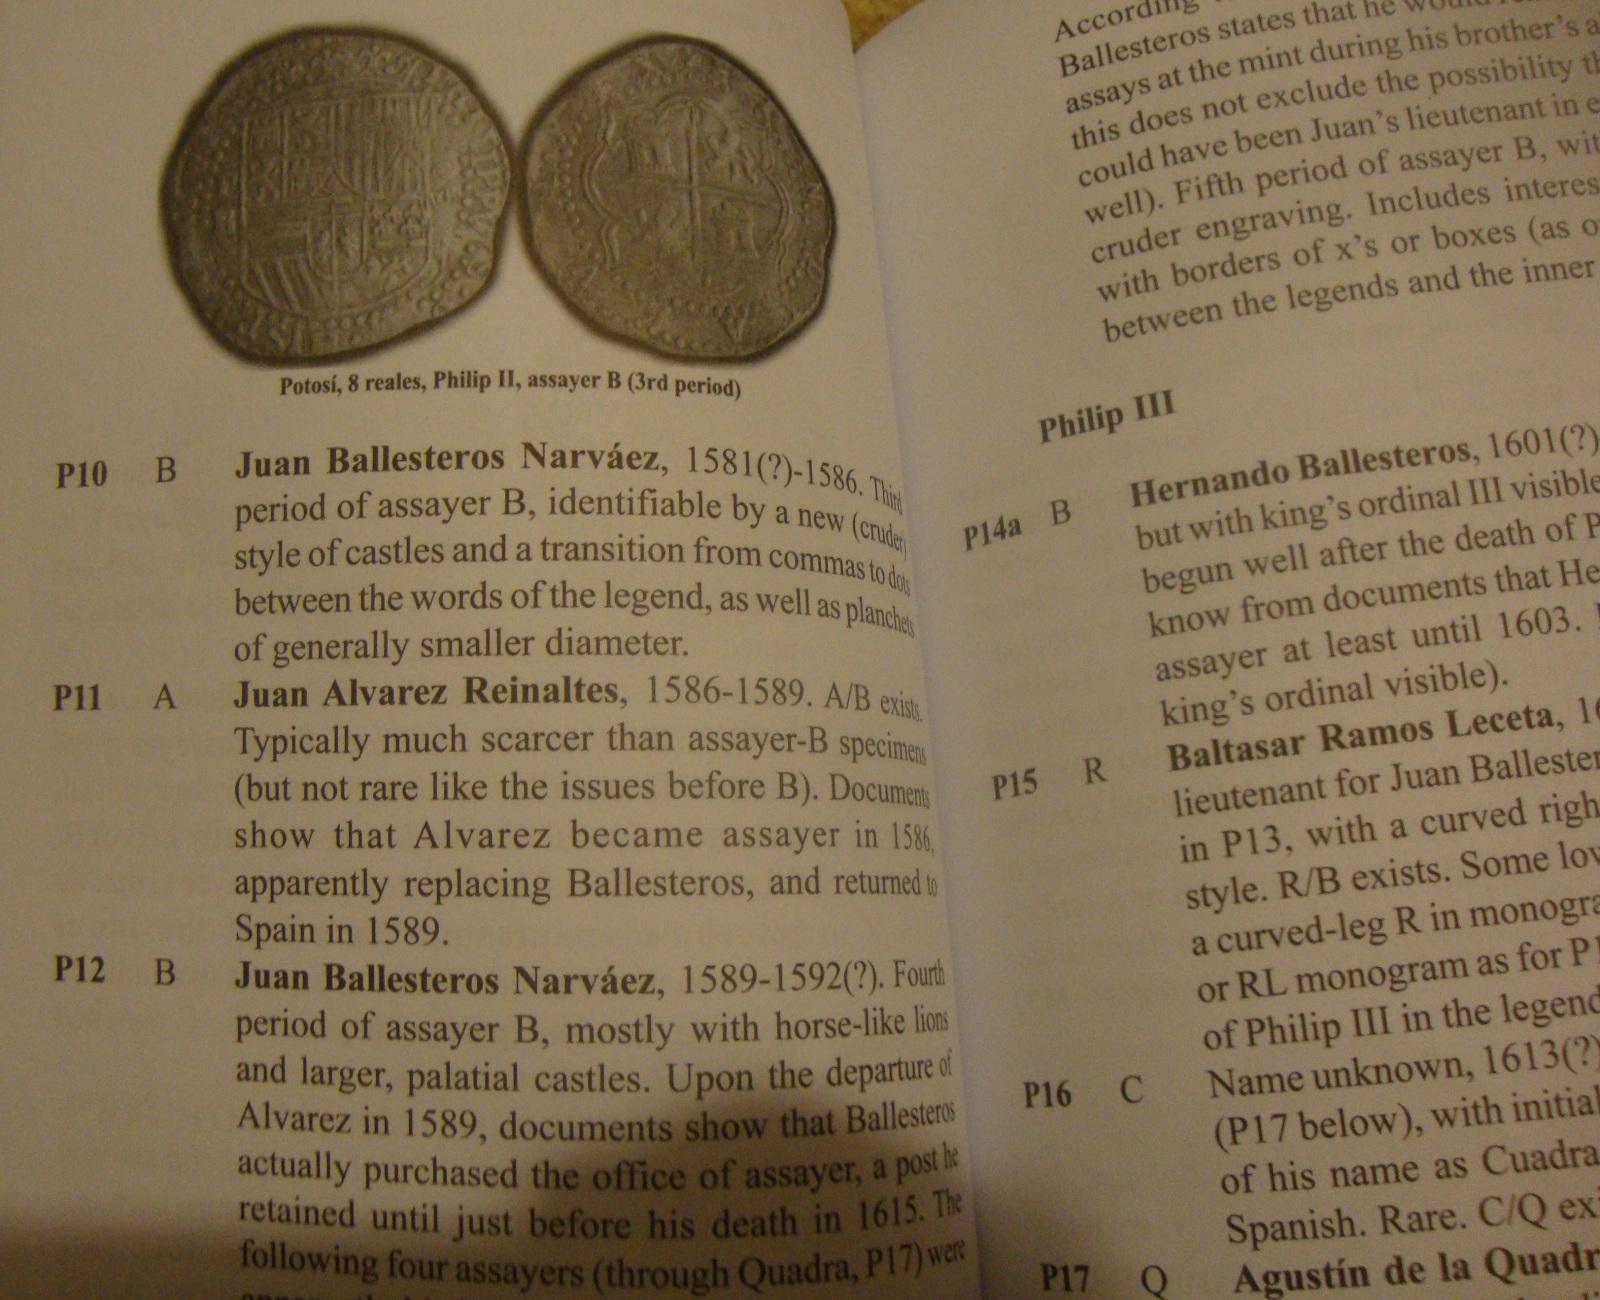 8 Reales macuquinos. Felipe II, Potosí. - Página 2 15s69ep